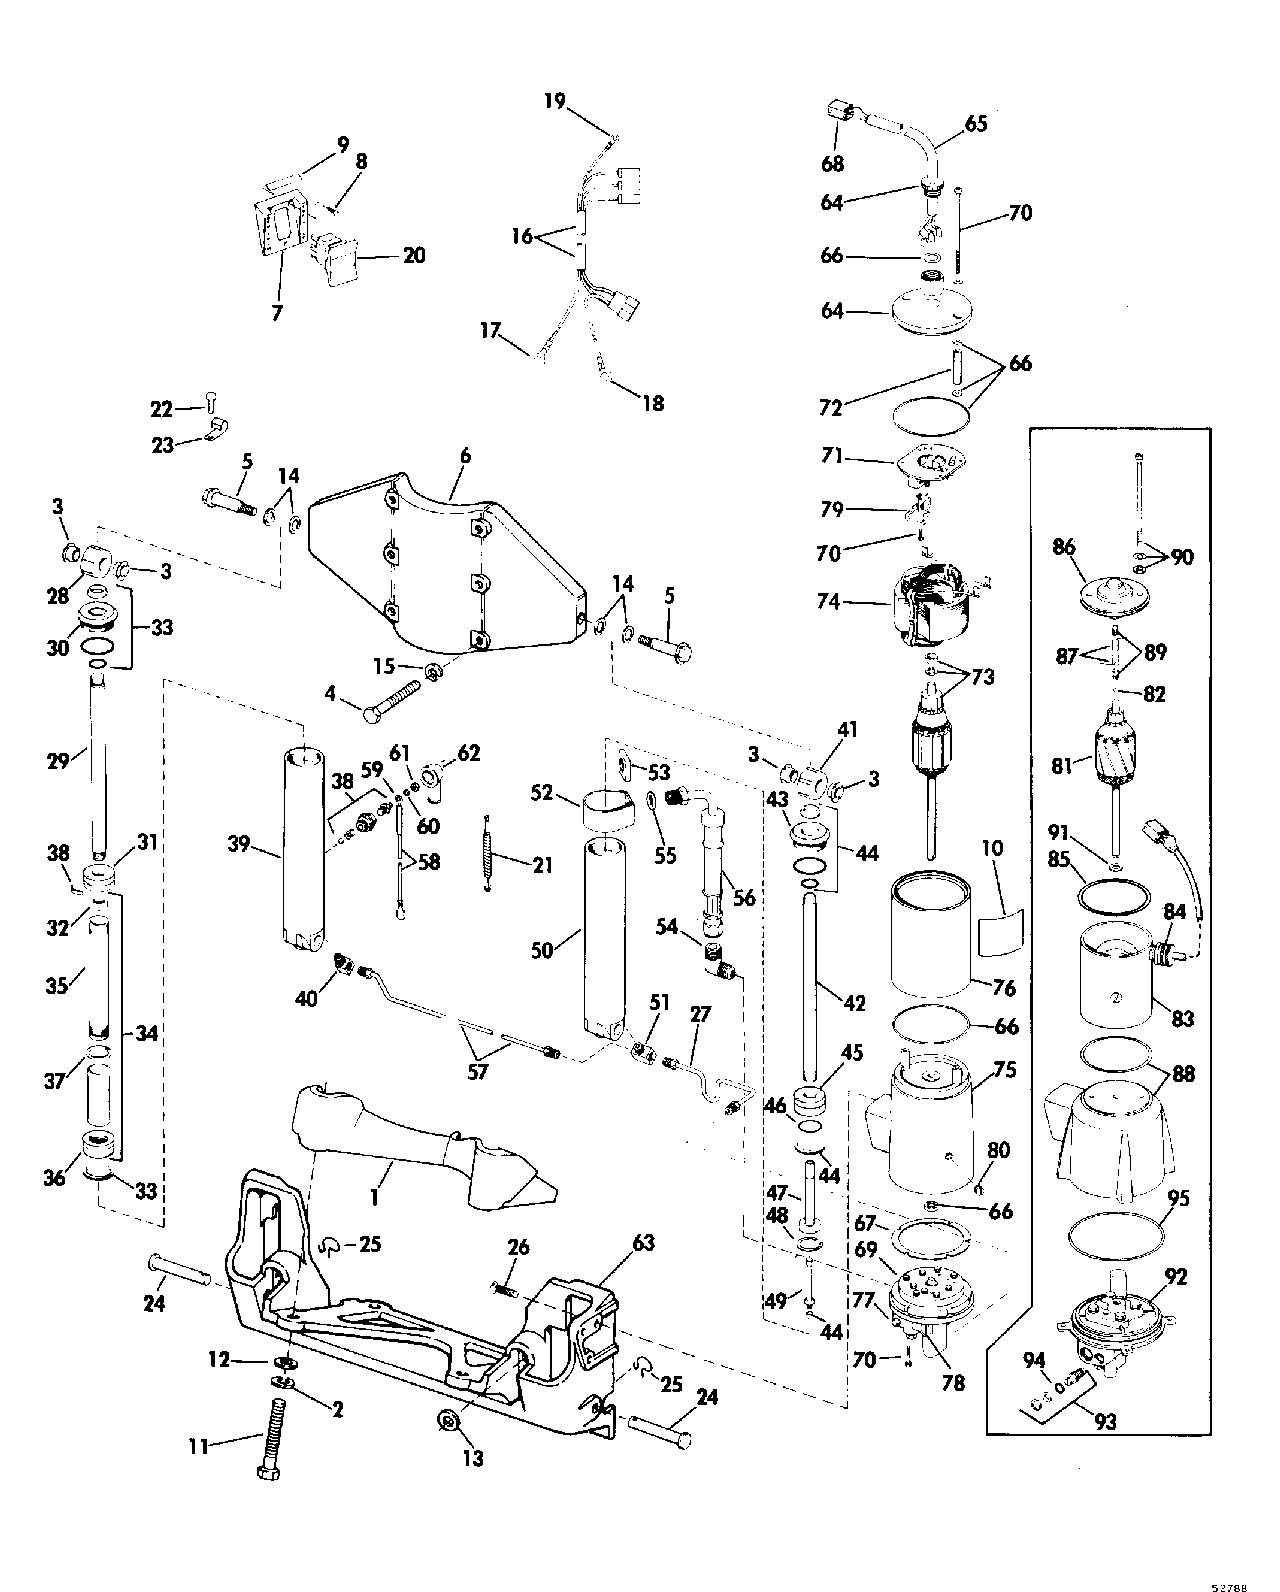 35868?resize\\\\\\\\\\\\\\\\\\\\\\\=665%2C827 ignition wiring diagram mercury 50 bigfoot wiring diagrams bigfoot camper wiring diagram at readyjetset.co